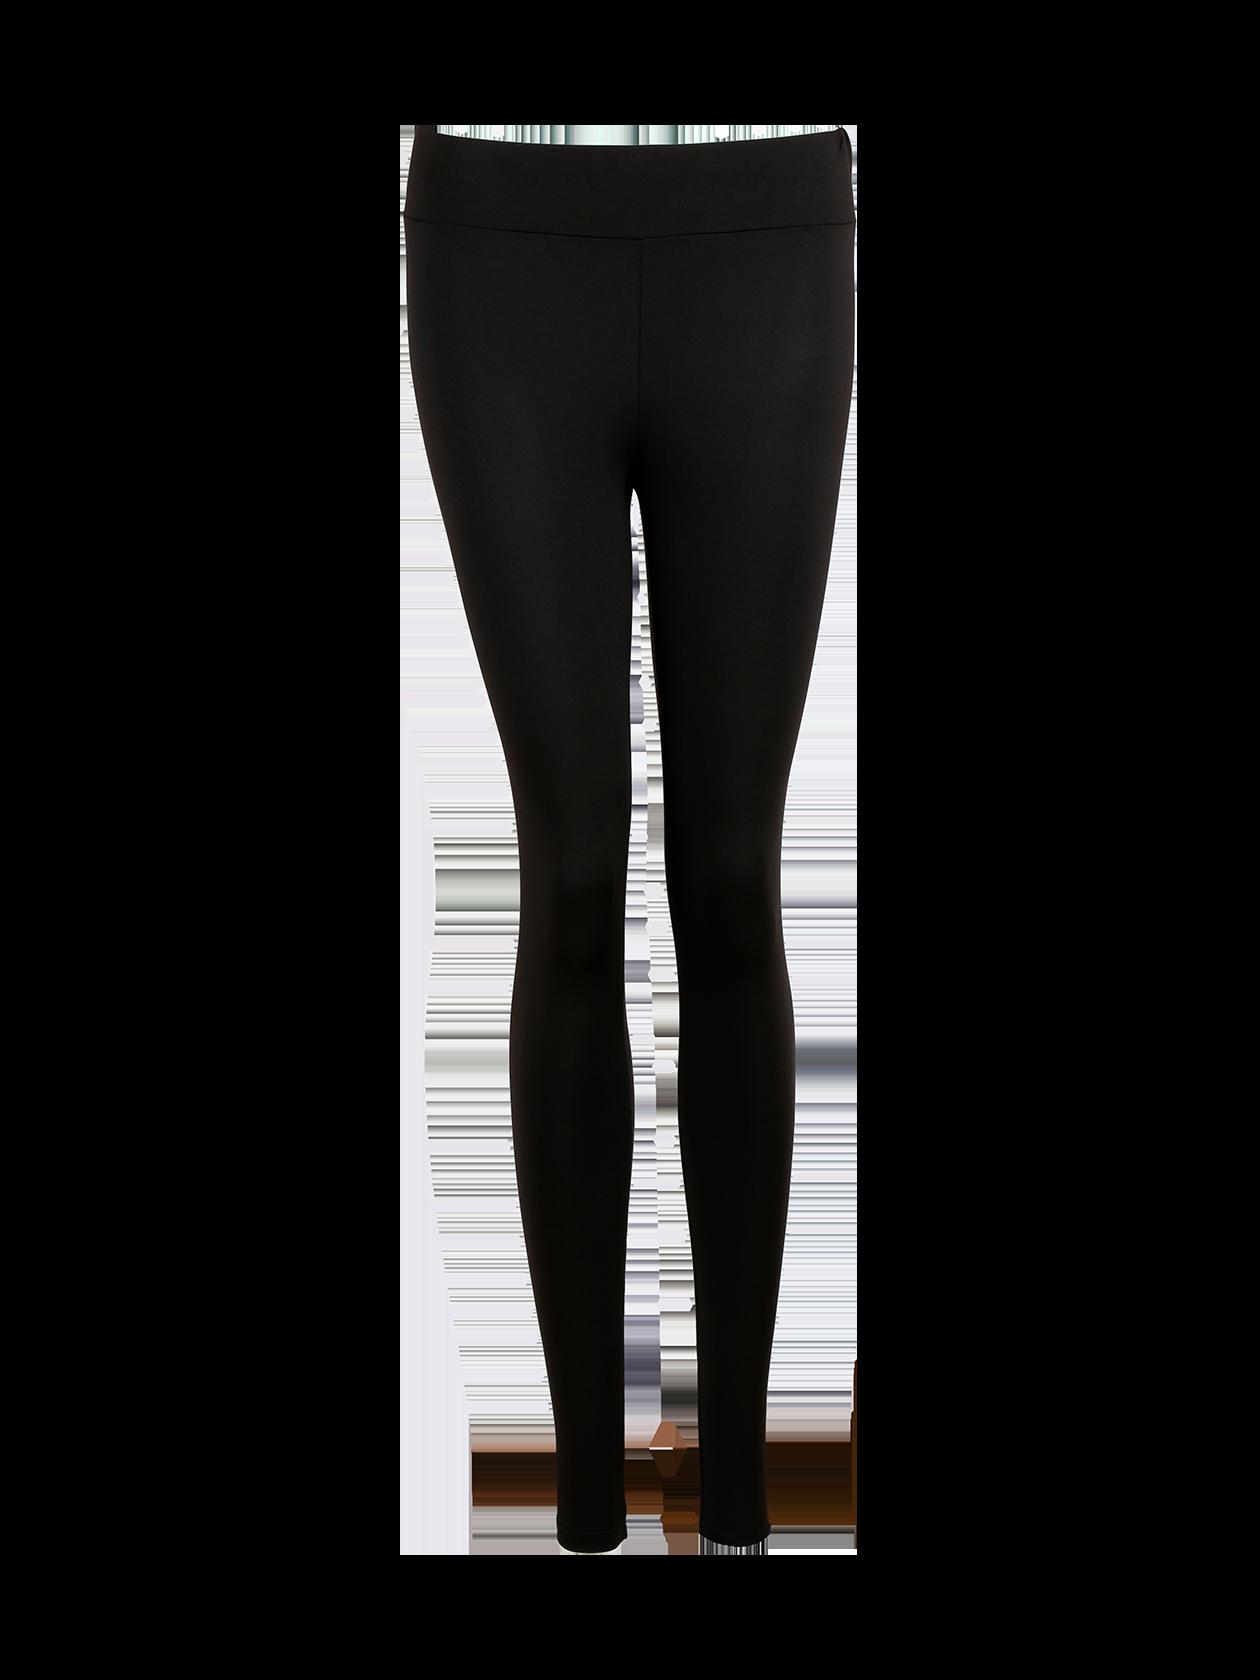 Леггинсы женские BLACK CLASSICЛеггинсы женские Black Classic из новой линии одежды Basic – оптимальное решение для создания повседневного стиля. Лаконичный дизайн, практичная черная расцветка позволяют сочетать вещь практически с любой одеждой. Модель облегающего кроя дополнена широким поясом для удобной фиксации изделия по фигуре. Изготовлены из высококачественного износостойкого материала, приятного к телу. На левой штанине по нижнему краю оформлена жаккардовая нашивка с эмблемой Black Star Wear. Подходят для любого сезона.<br><br>Размер: S<br>Цвет: Черный<br>Пол: Женский